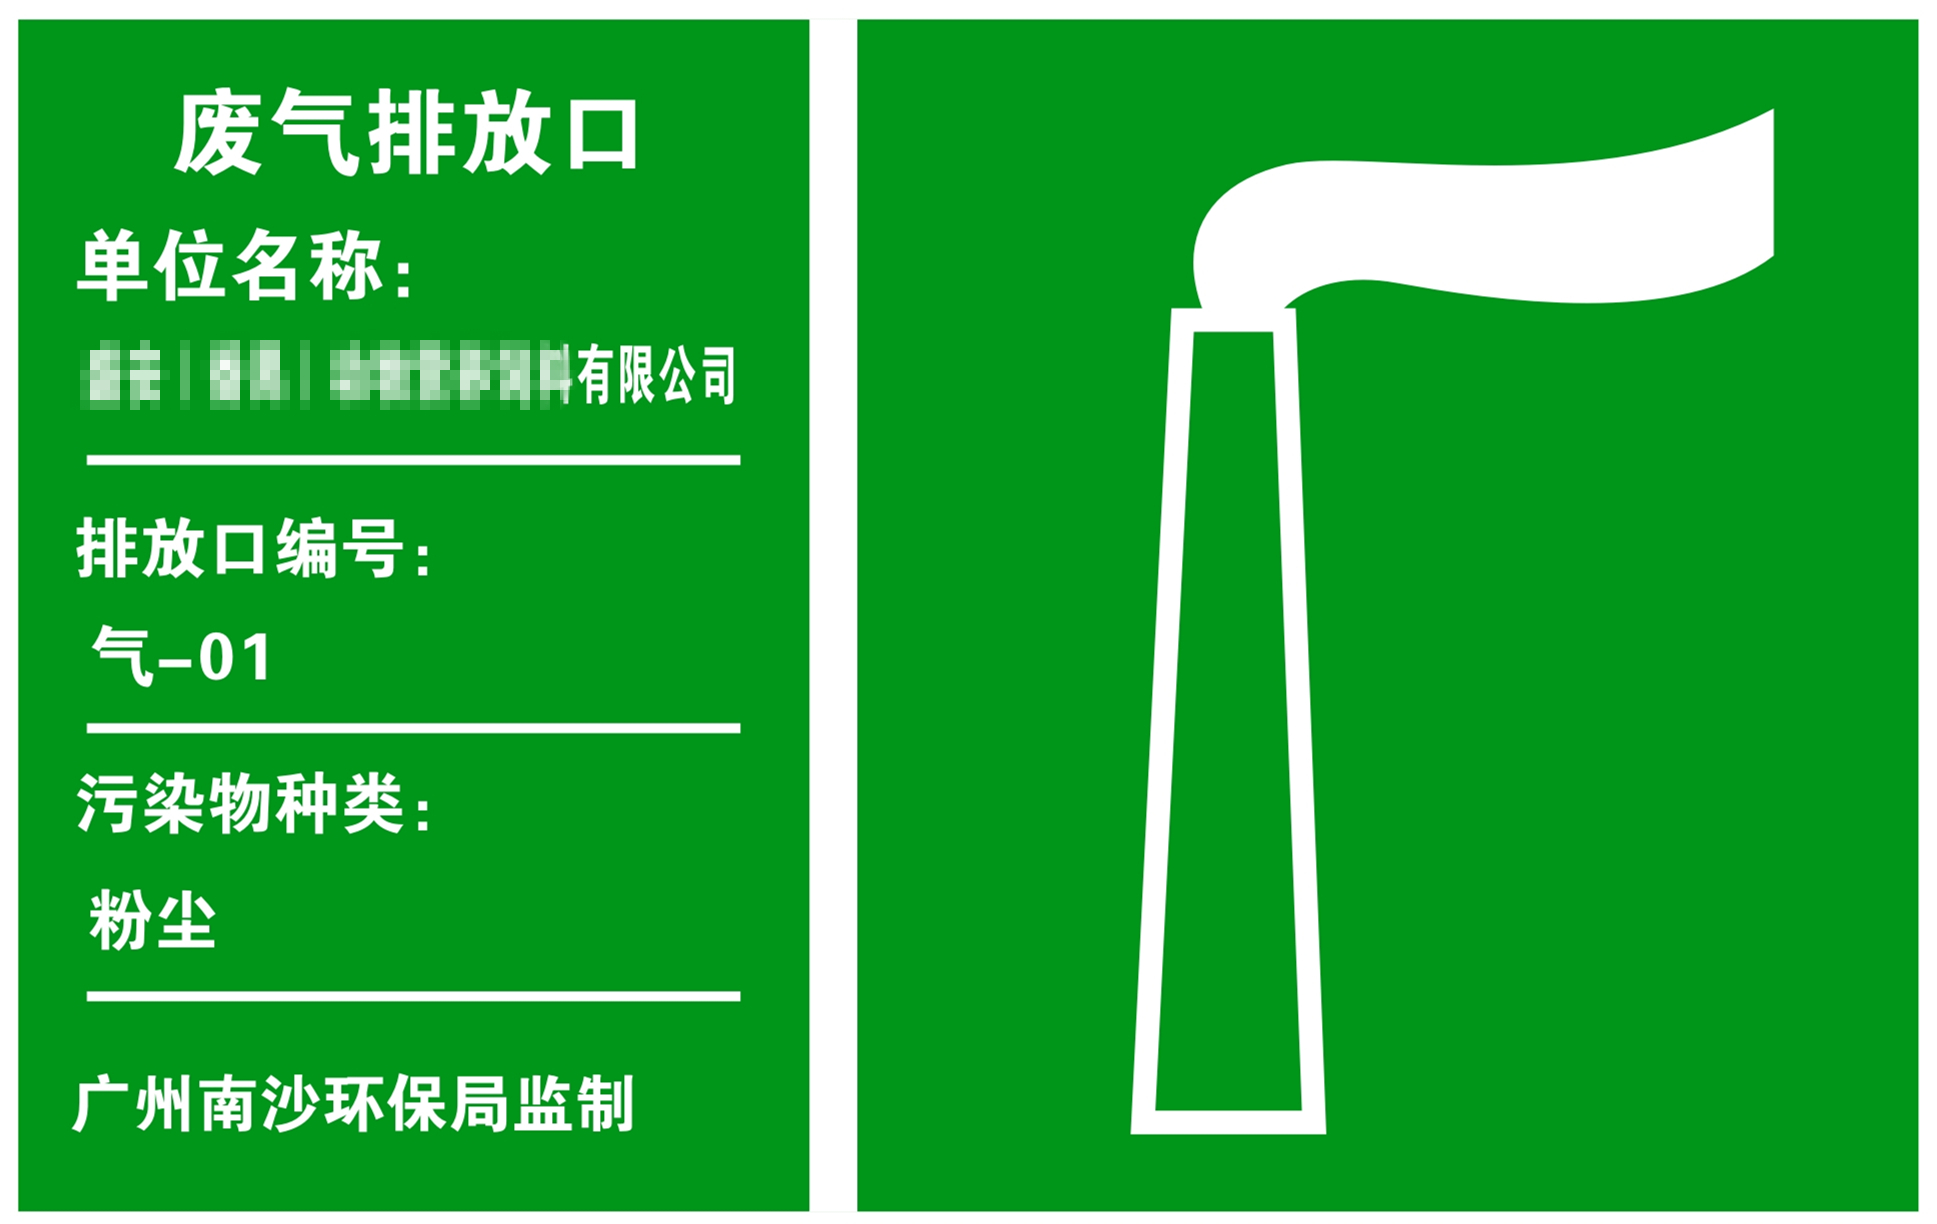 手工制作环保标识